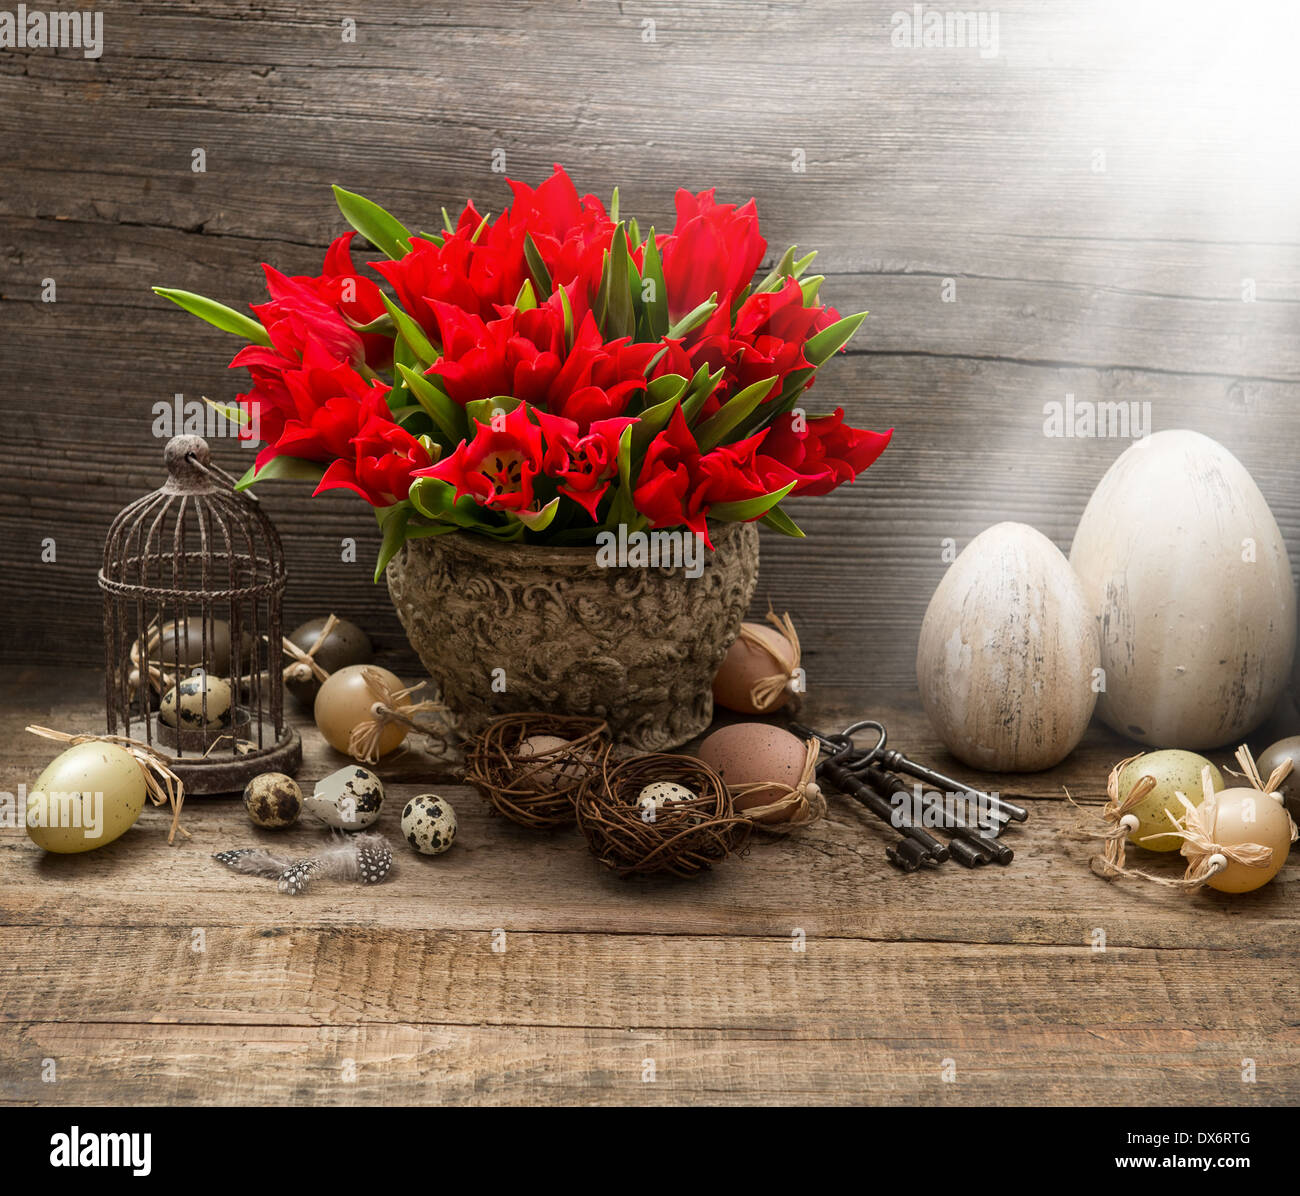 Composition avec des oeufs de pâques vintage et de tulipes rouges. toujours nostalgique life accueil intérieur avec Banque D'Images